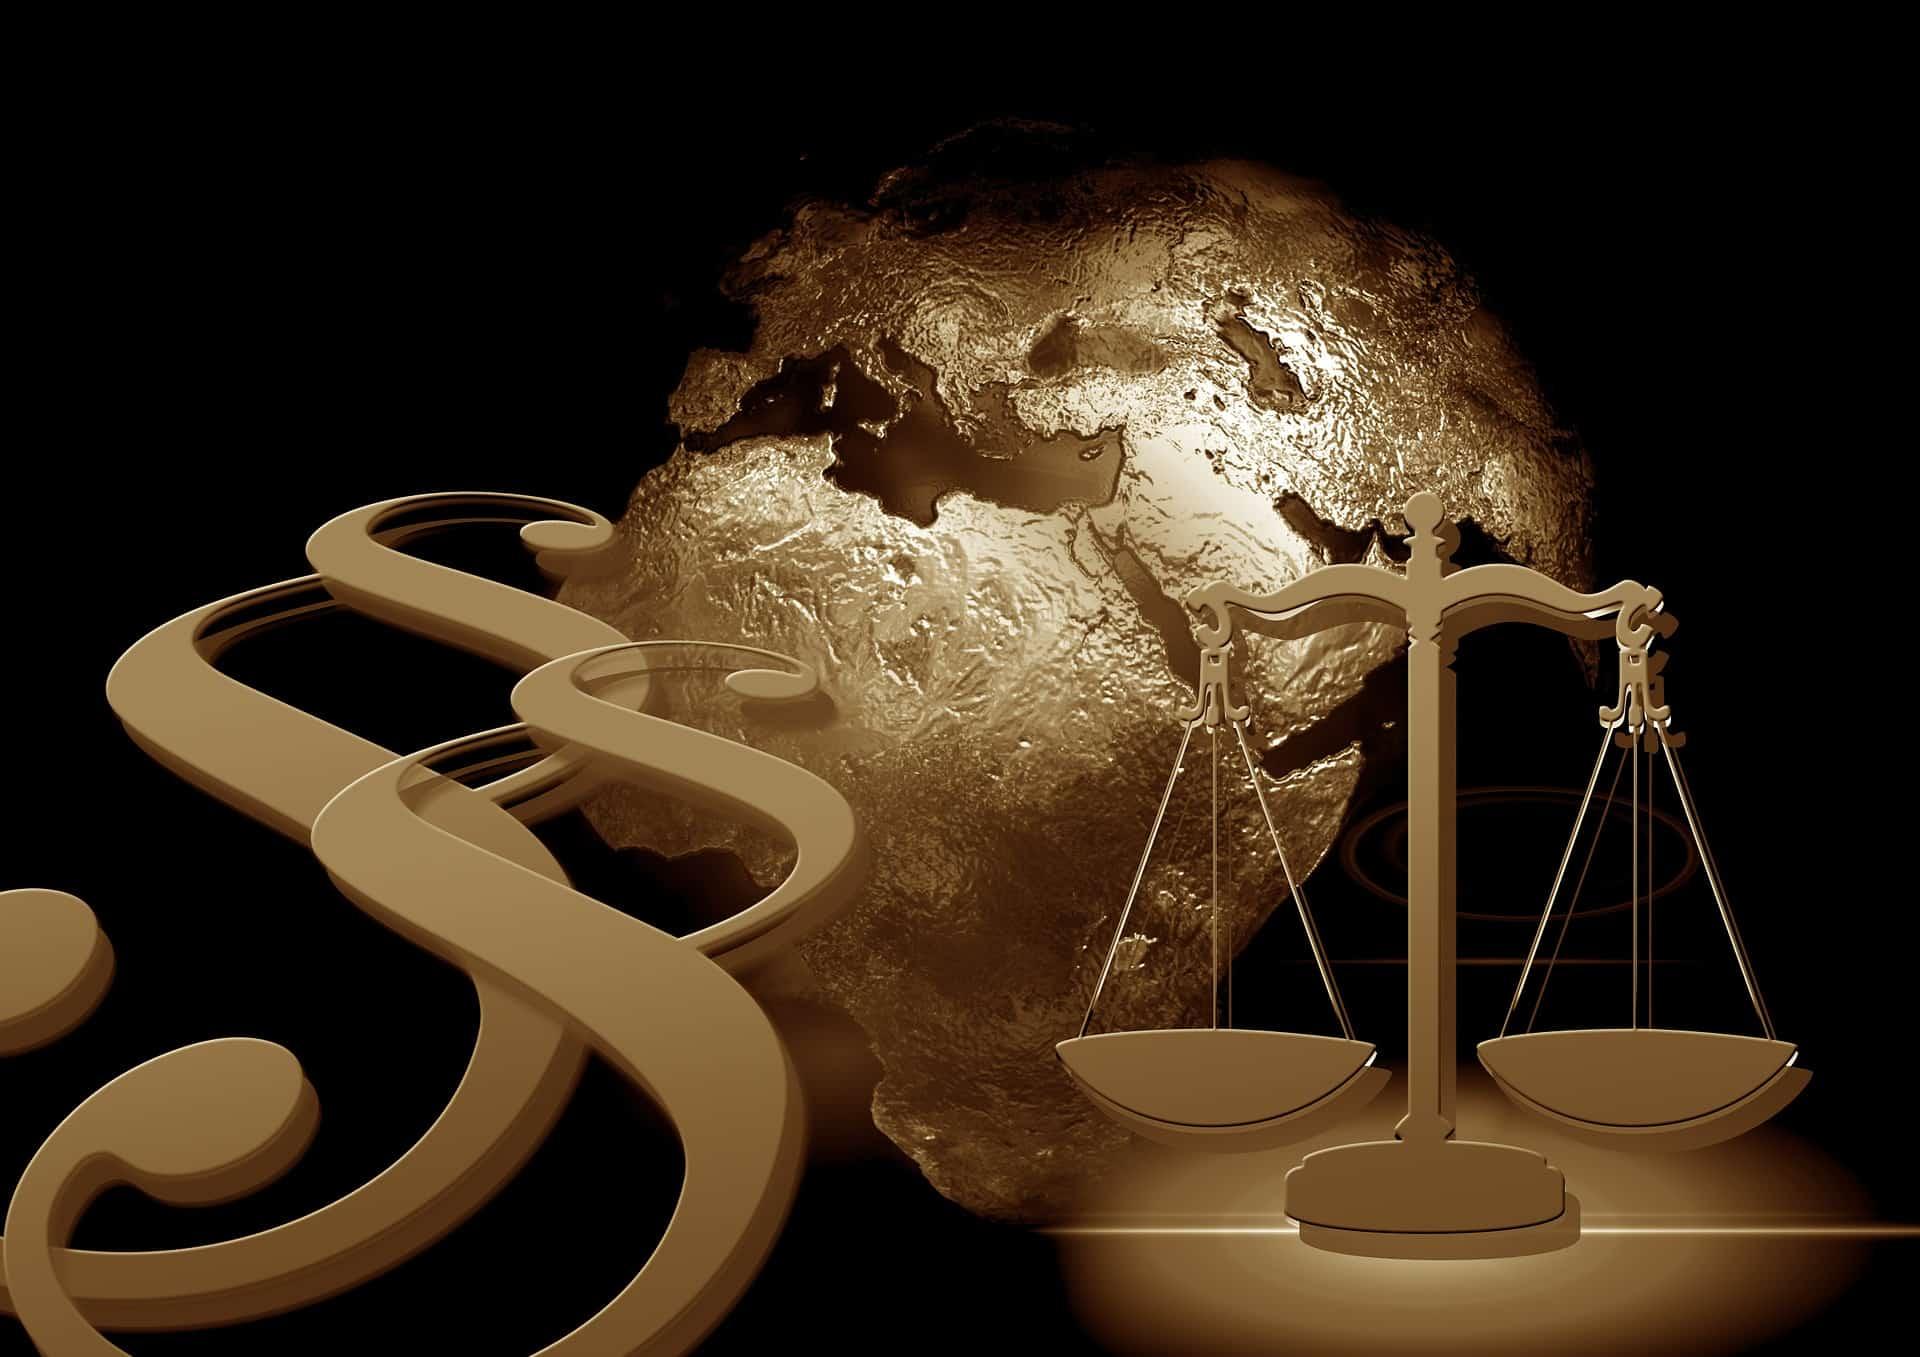 La importancia de una correcta terminología en el ámbito jurídico